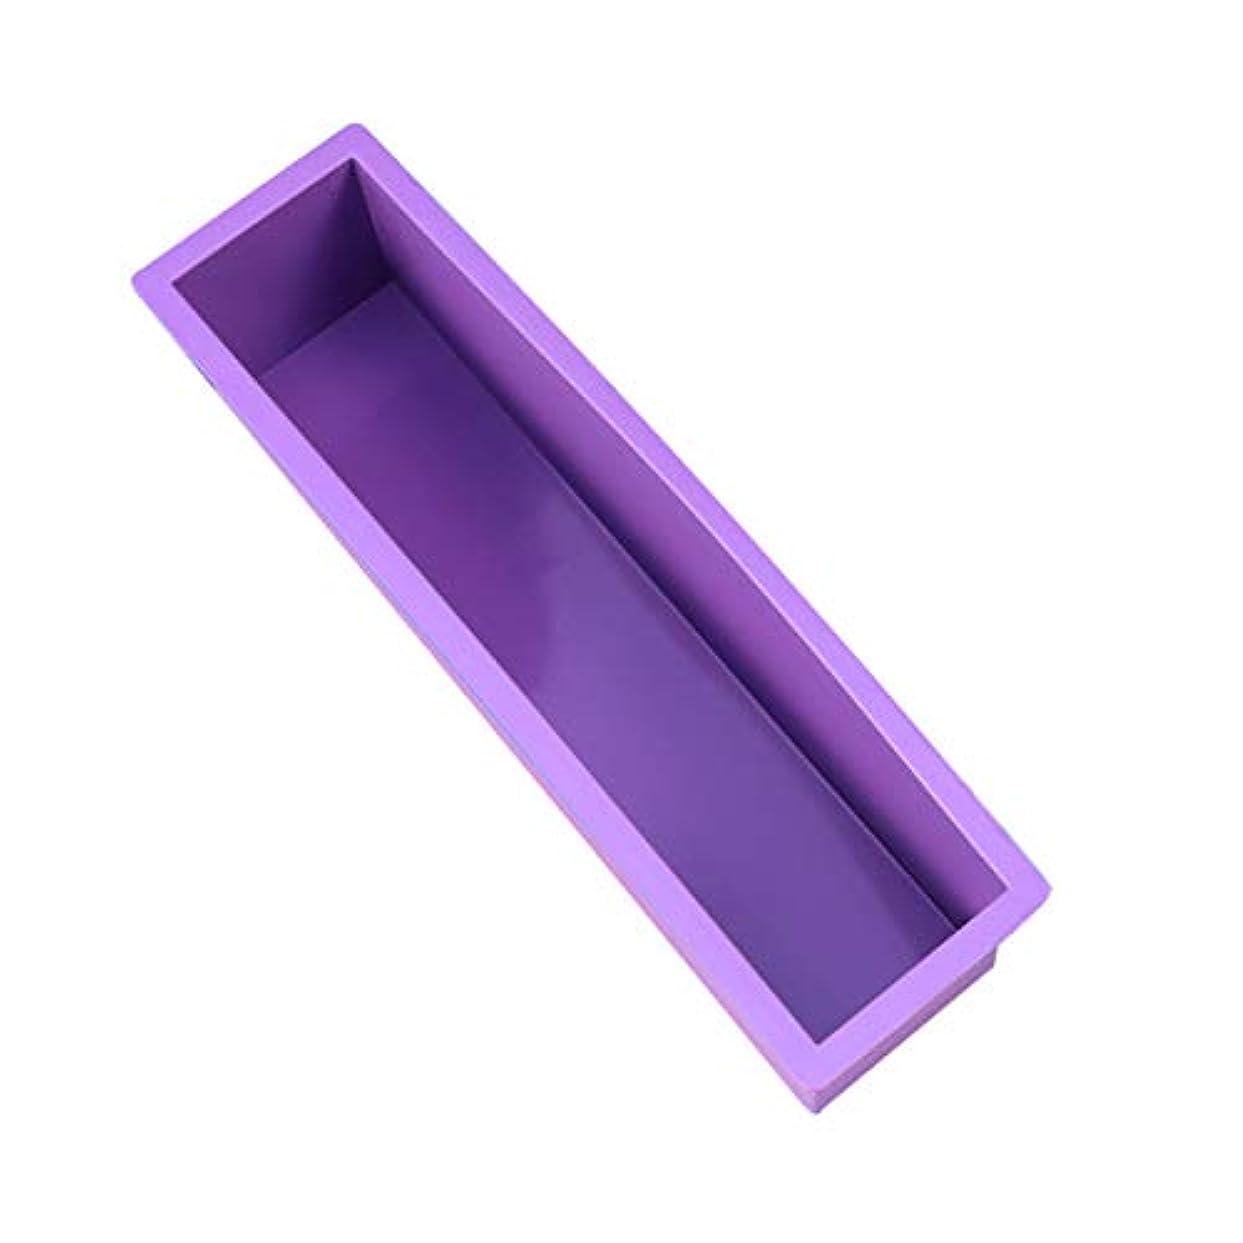 必要としているほのか習慣Healifty DIYの石鹸金型スクエアラウンドオーバル金型木製ボックスサイズなしの手作り金型 - S(紫)